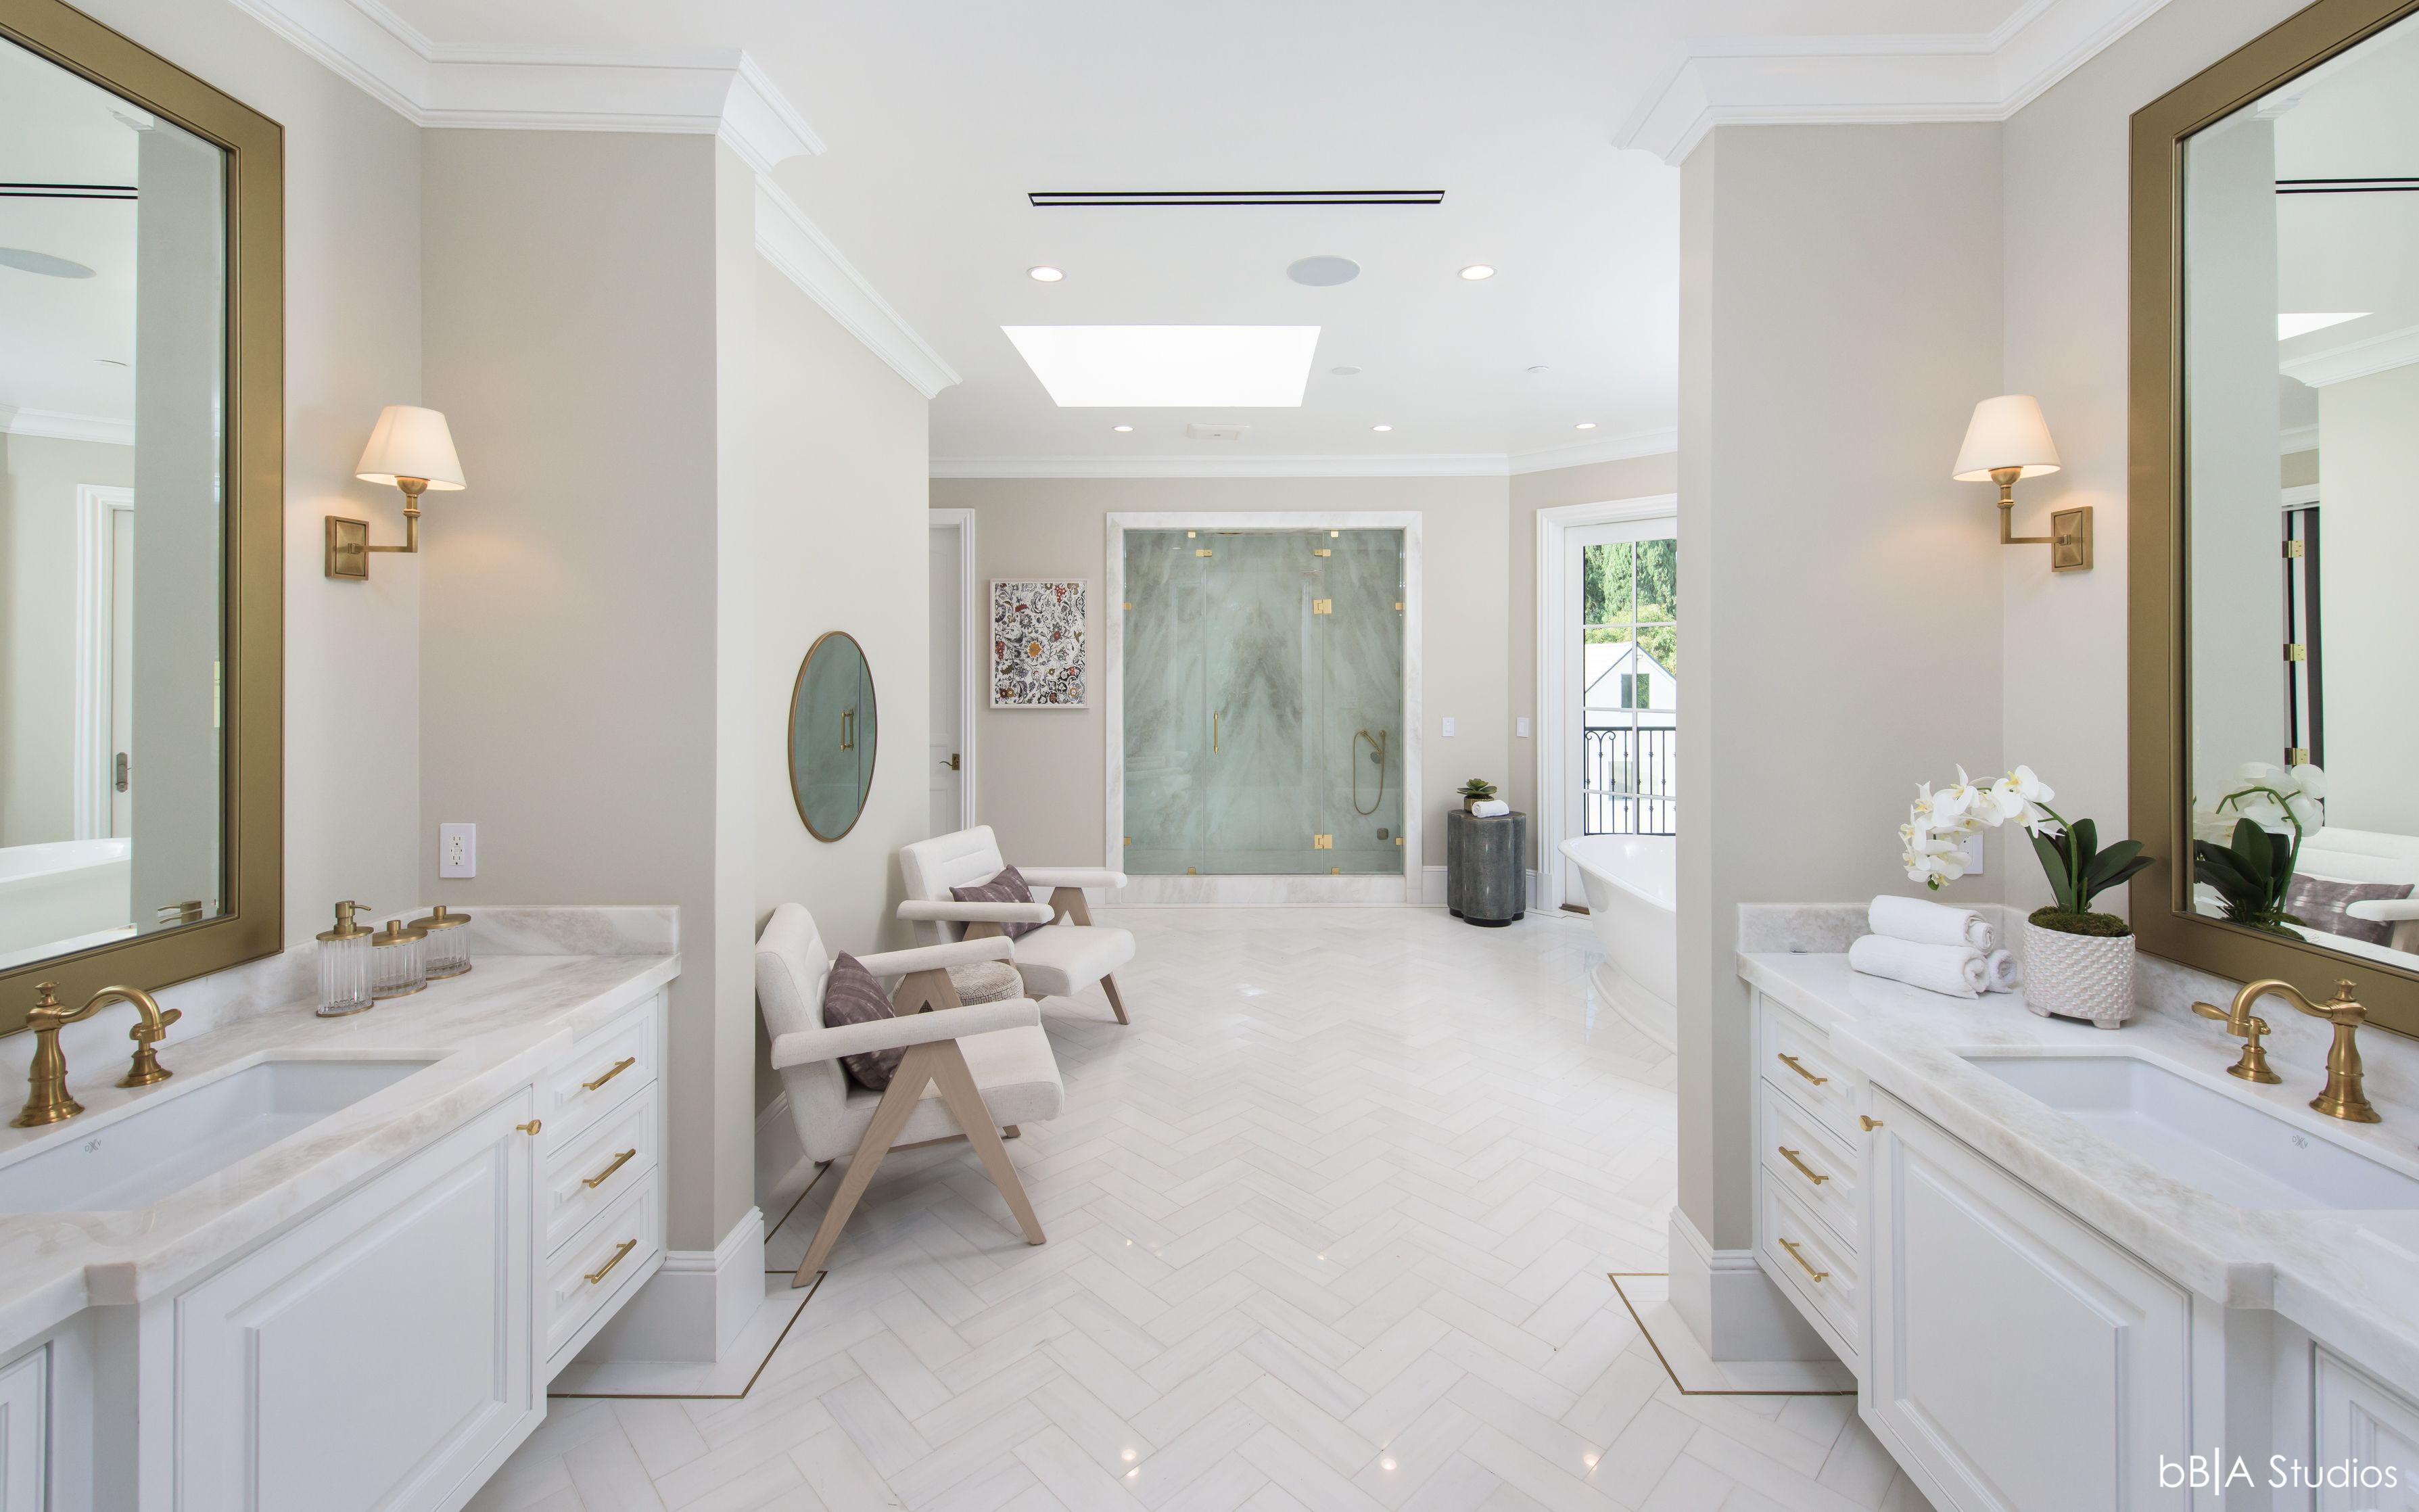 Spa Bathroom Architecture and Design